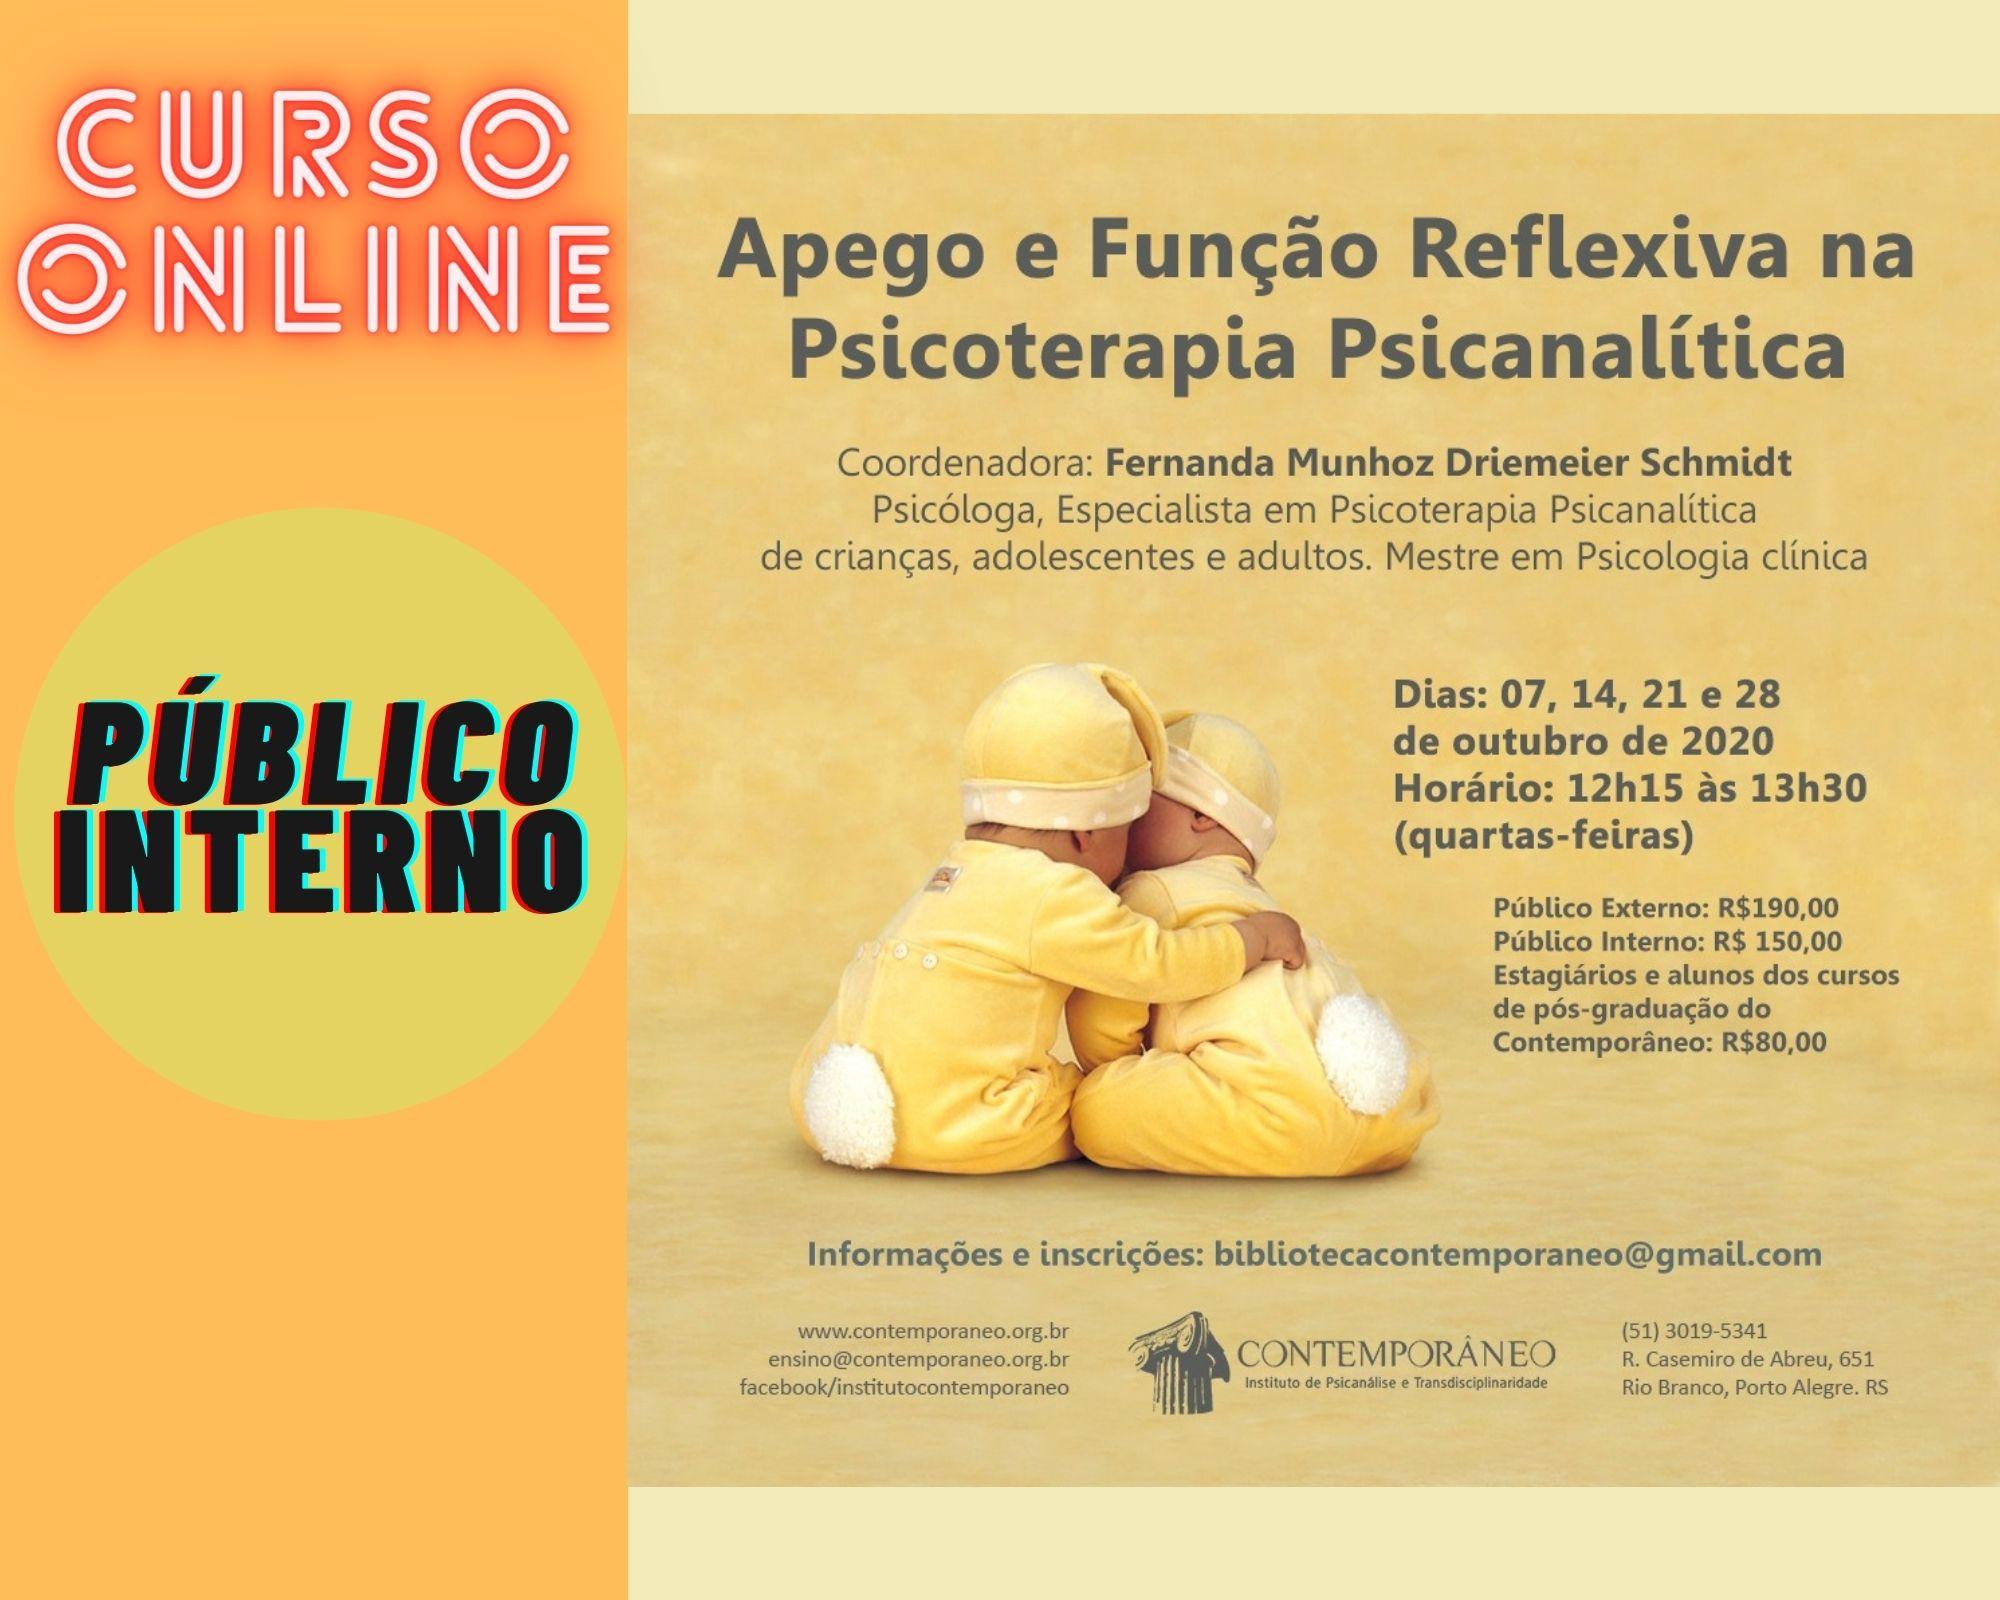 Curso para Apego e Função Reflexiva na Psicoterapia Psicanalítica – Público Interno